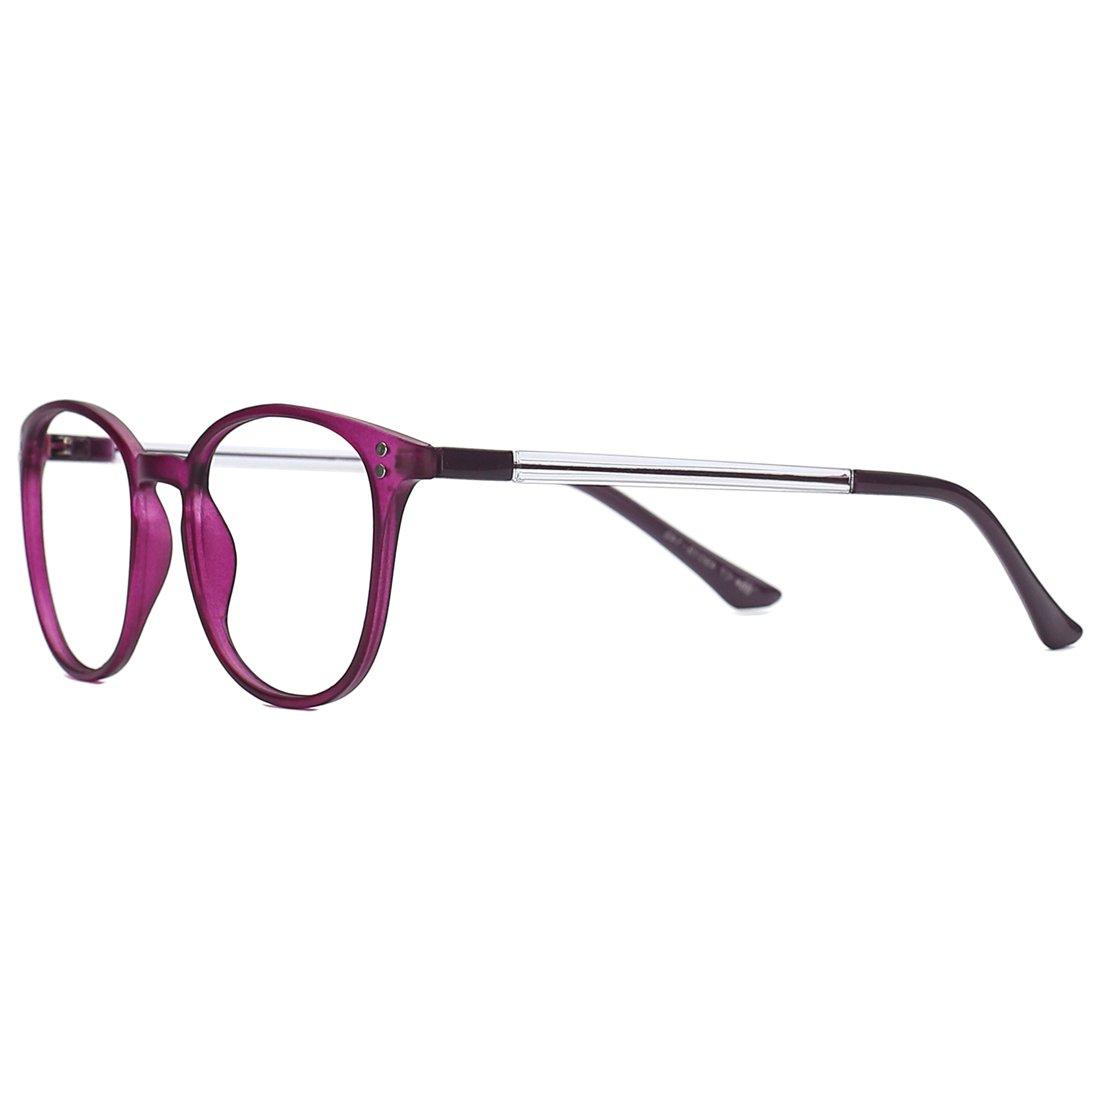 bf79c91e39 Slocyclub - Marco para anteojos unisex con diseño de llave, con patillas  transparentes, Negro Rojo, M: Amazon.com.mx: Ropa, Zapatos y Accesorios